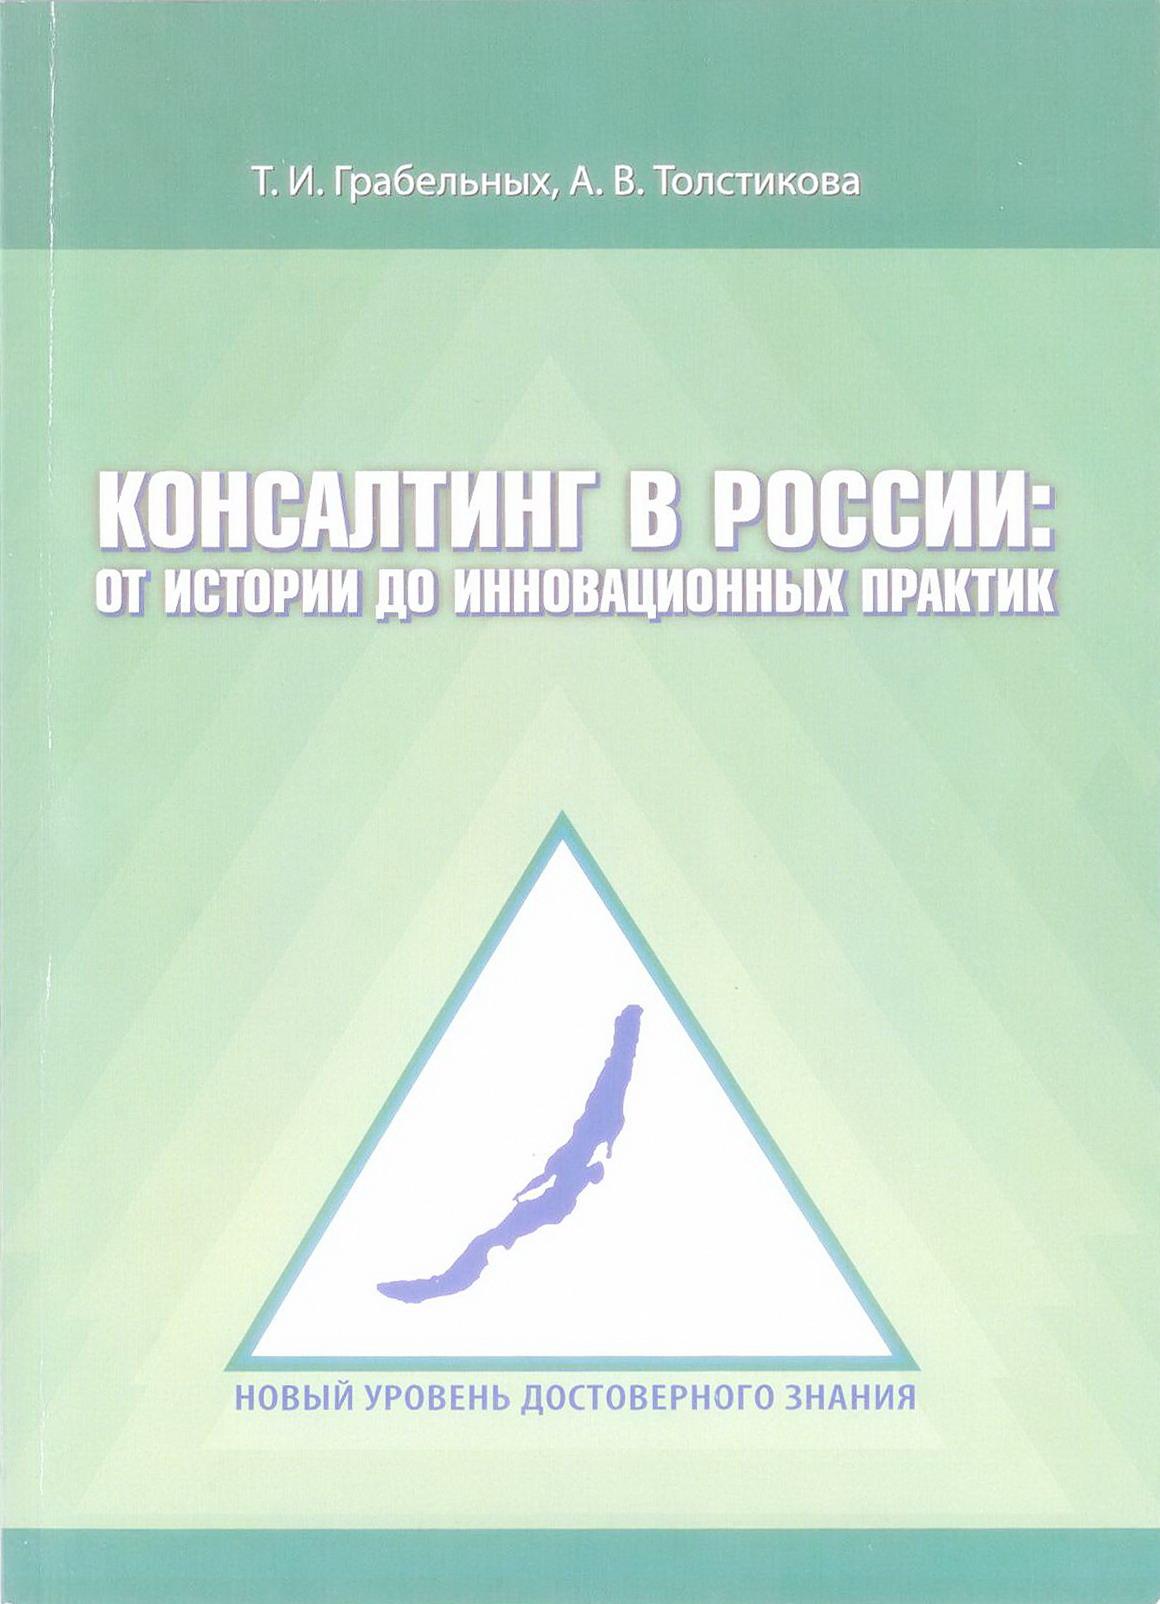 Консалтинг в России: от истории до инновационных практик